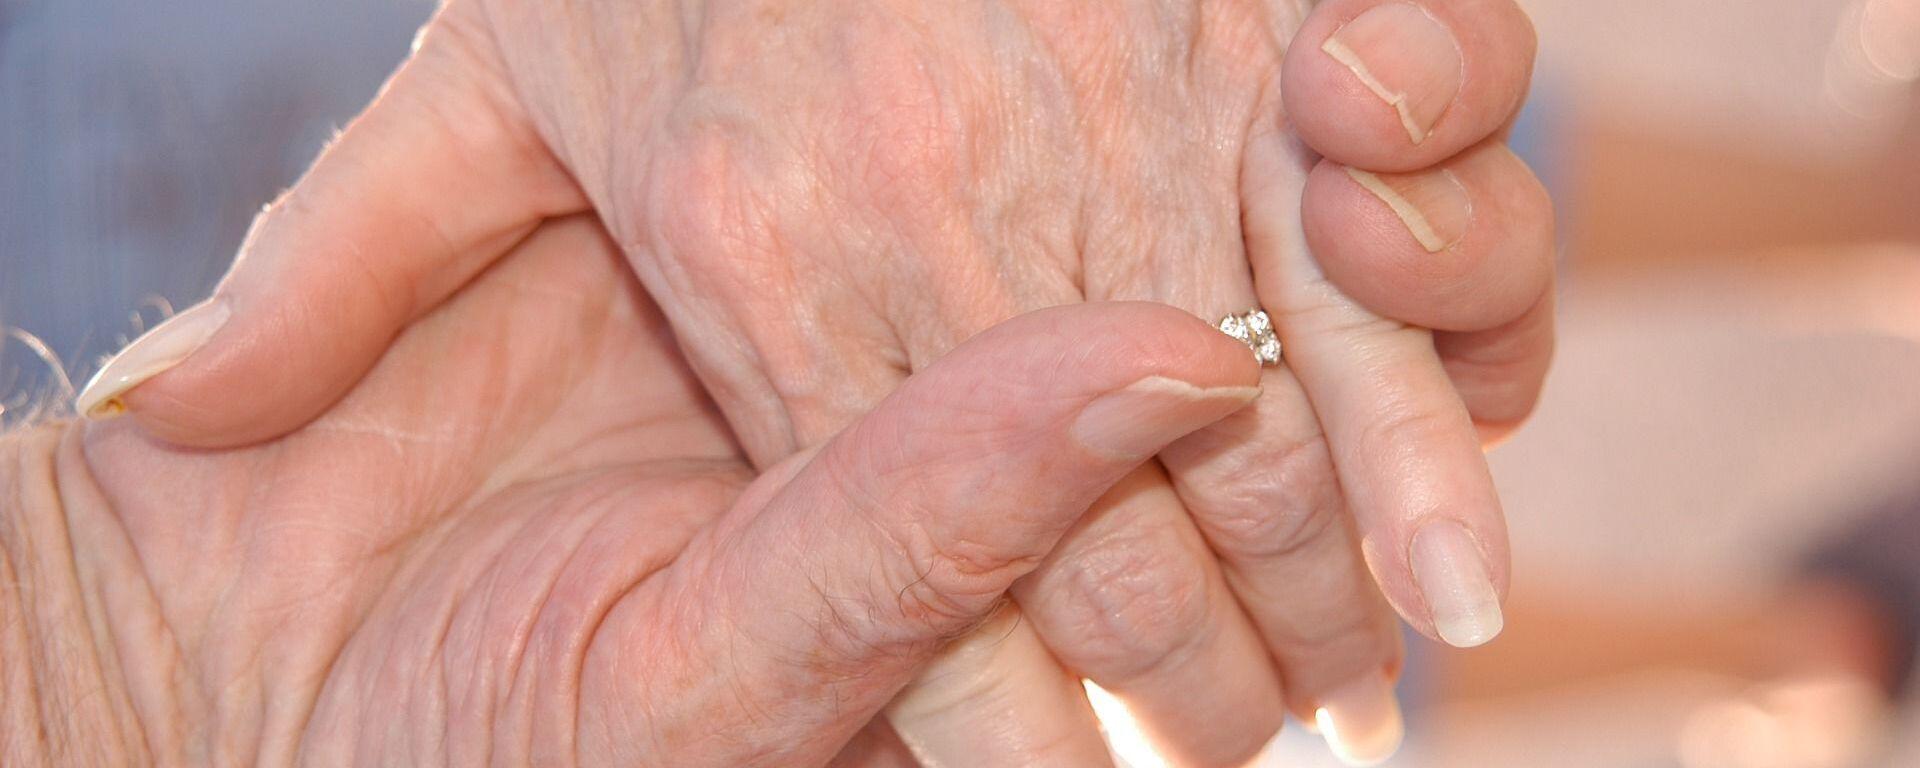 Χέρια ηλικιωμένου ζευγαριού - Sputnik Ελλάδα, 1920, 08.06.2021